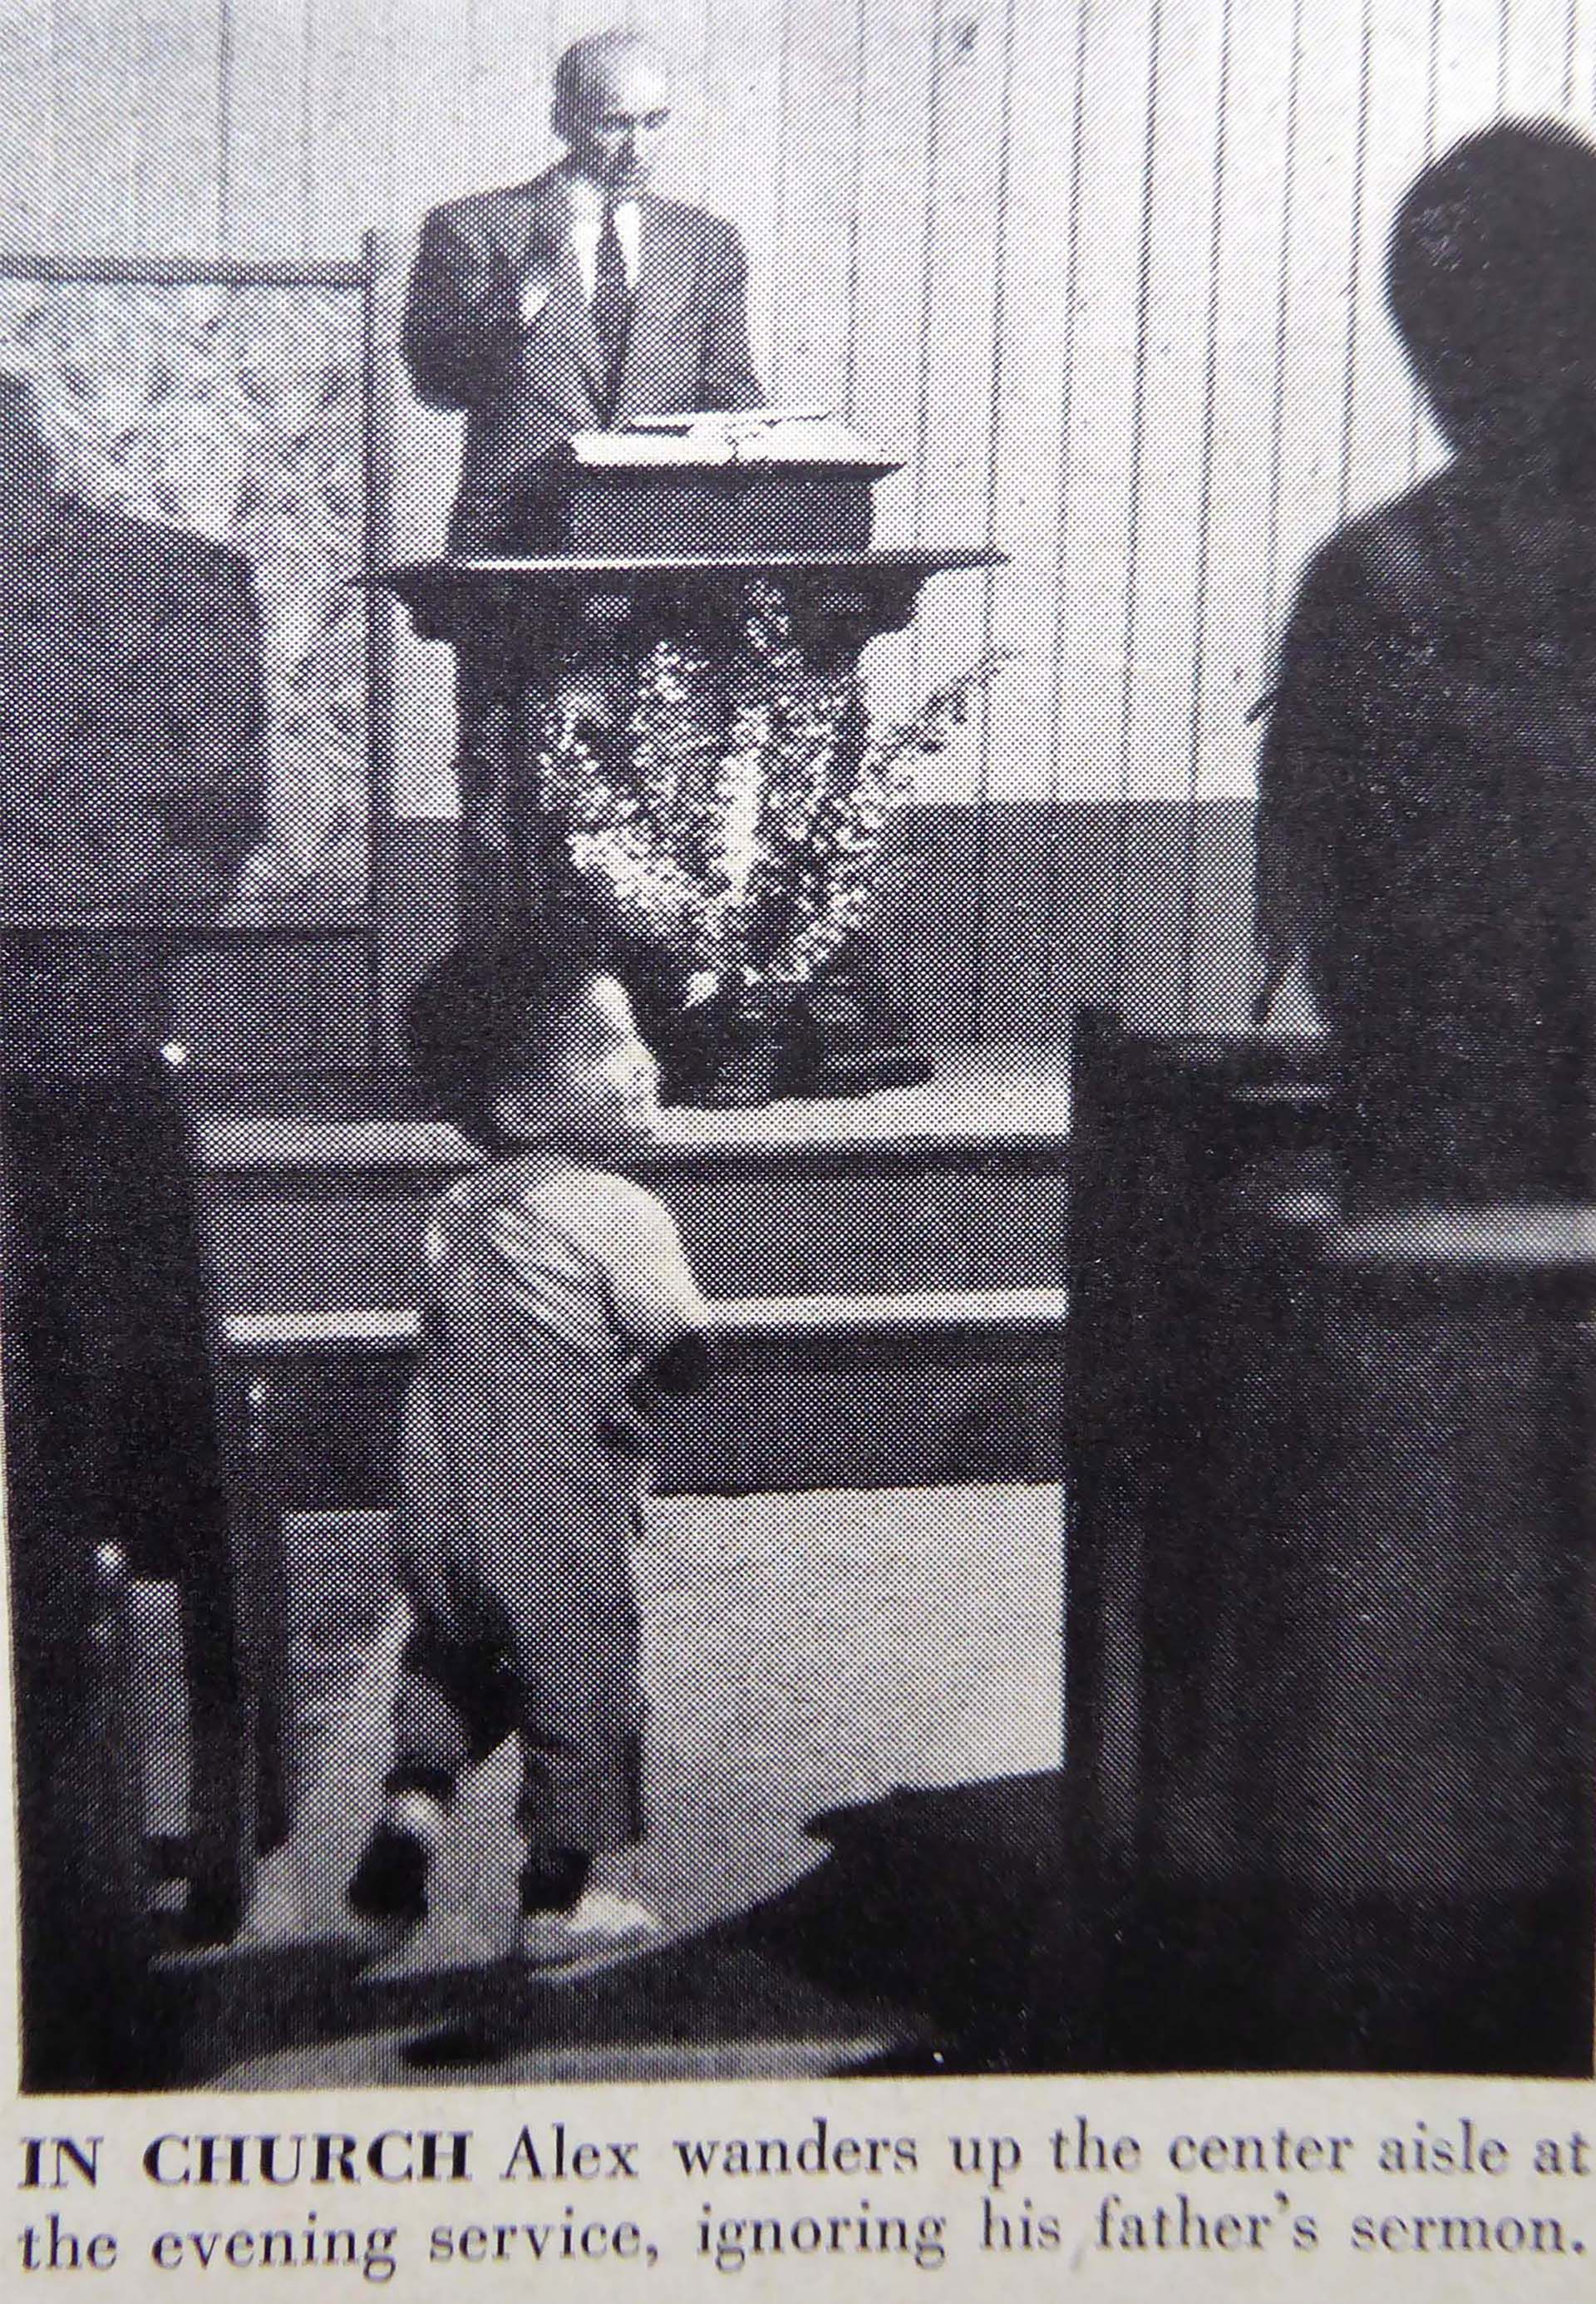 Alexander camina entre los bancos de la Iglesia mientras su padre predica